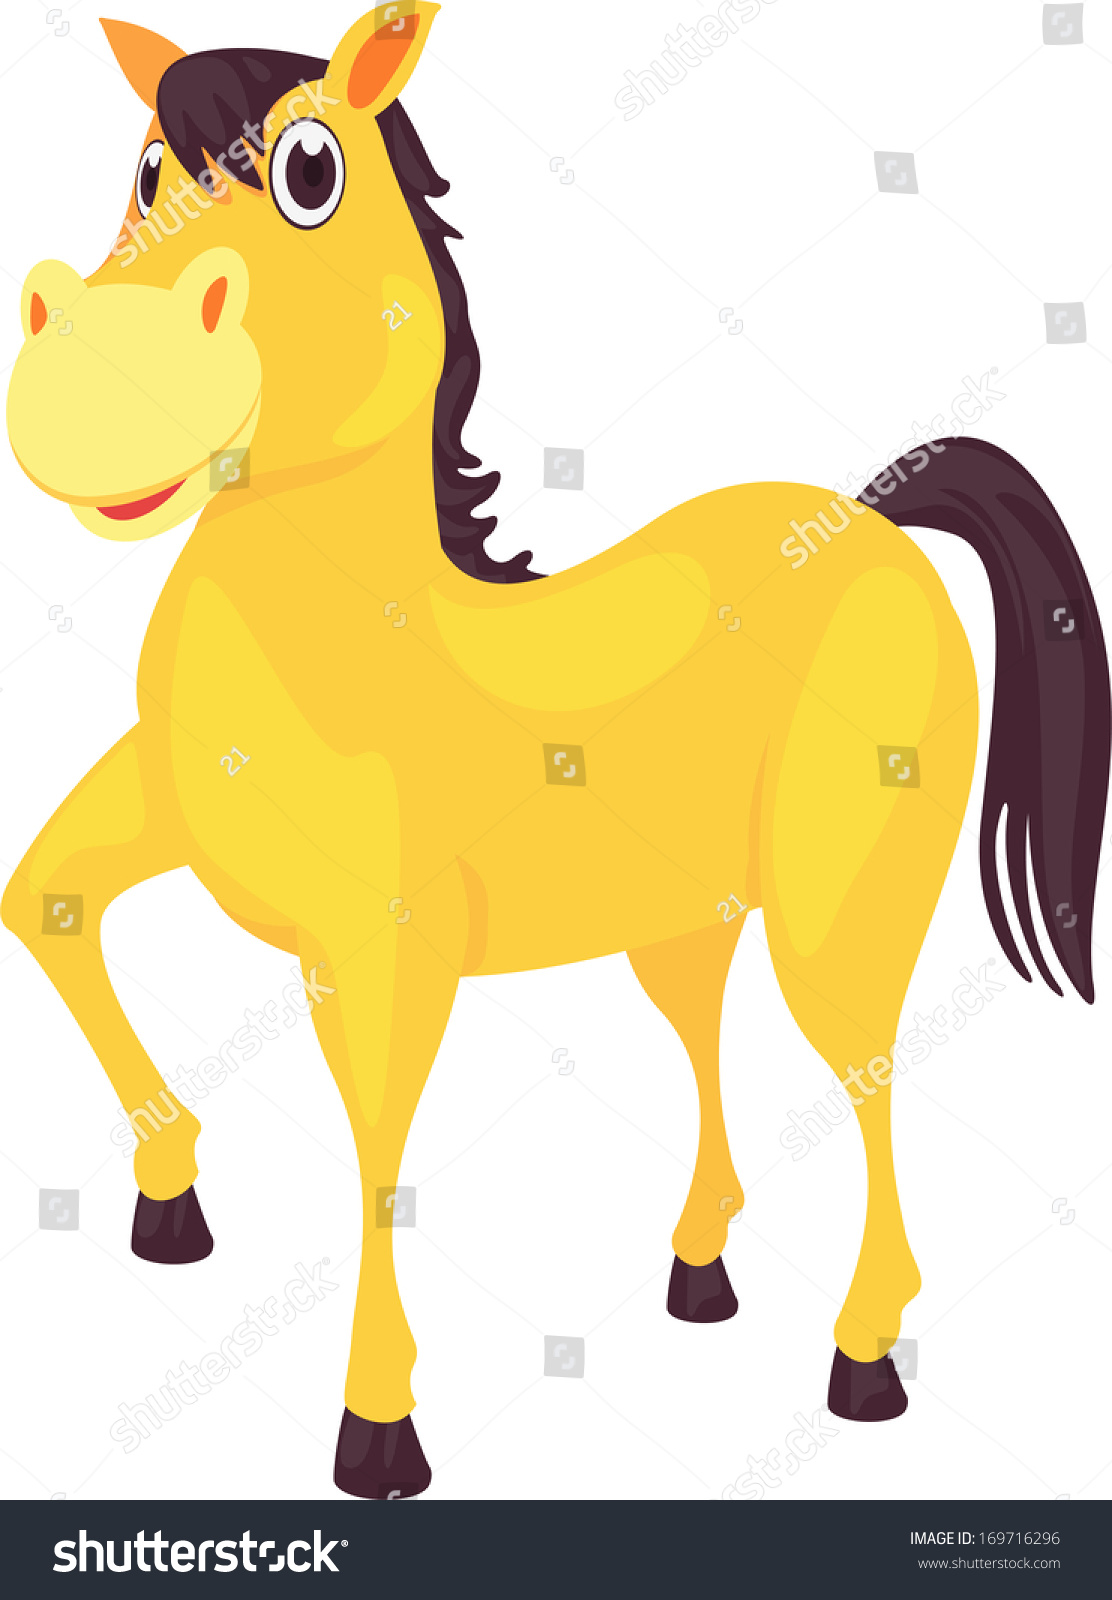 马的矢量插图-动物/野生生物,物体-海洛创意(hellorf)